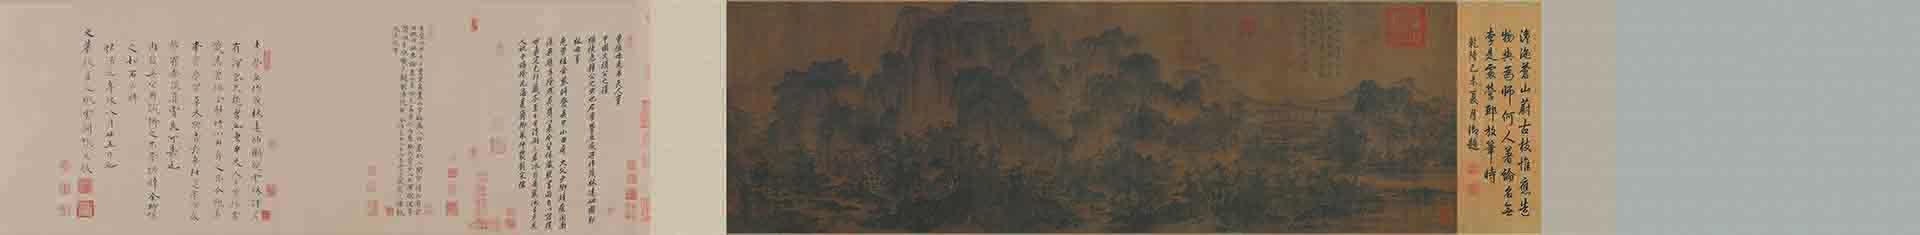 北宋 李成 茂林远岫图(全卷二版)绢本45.5x141